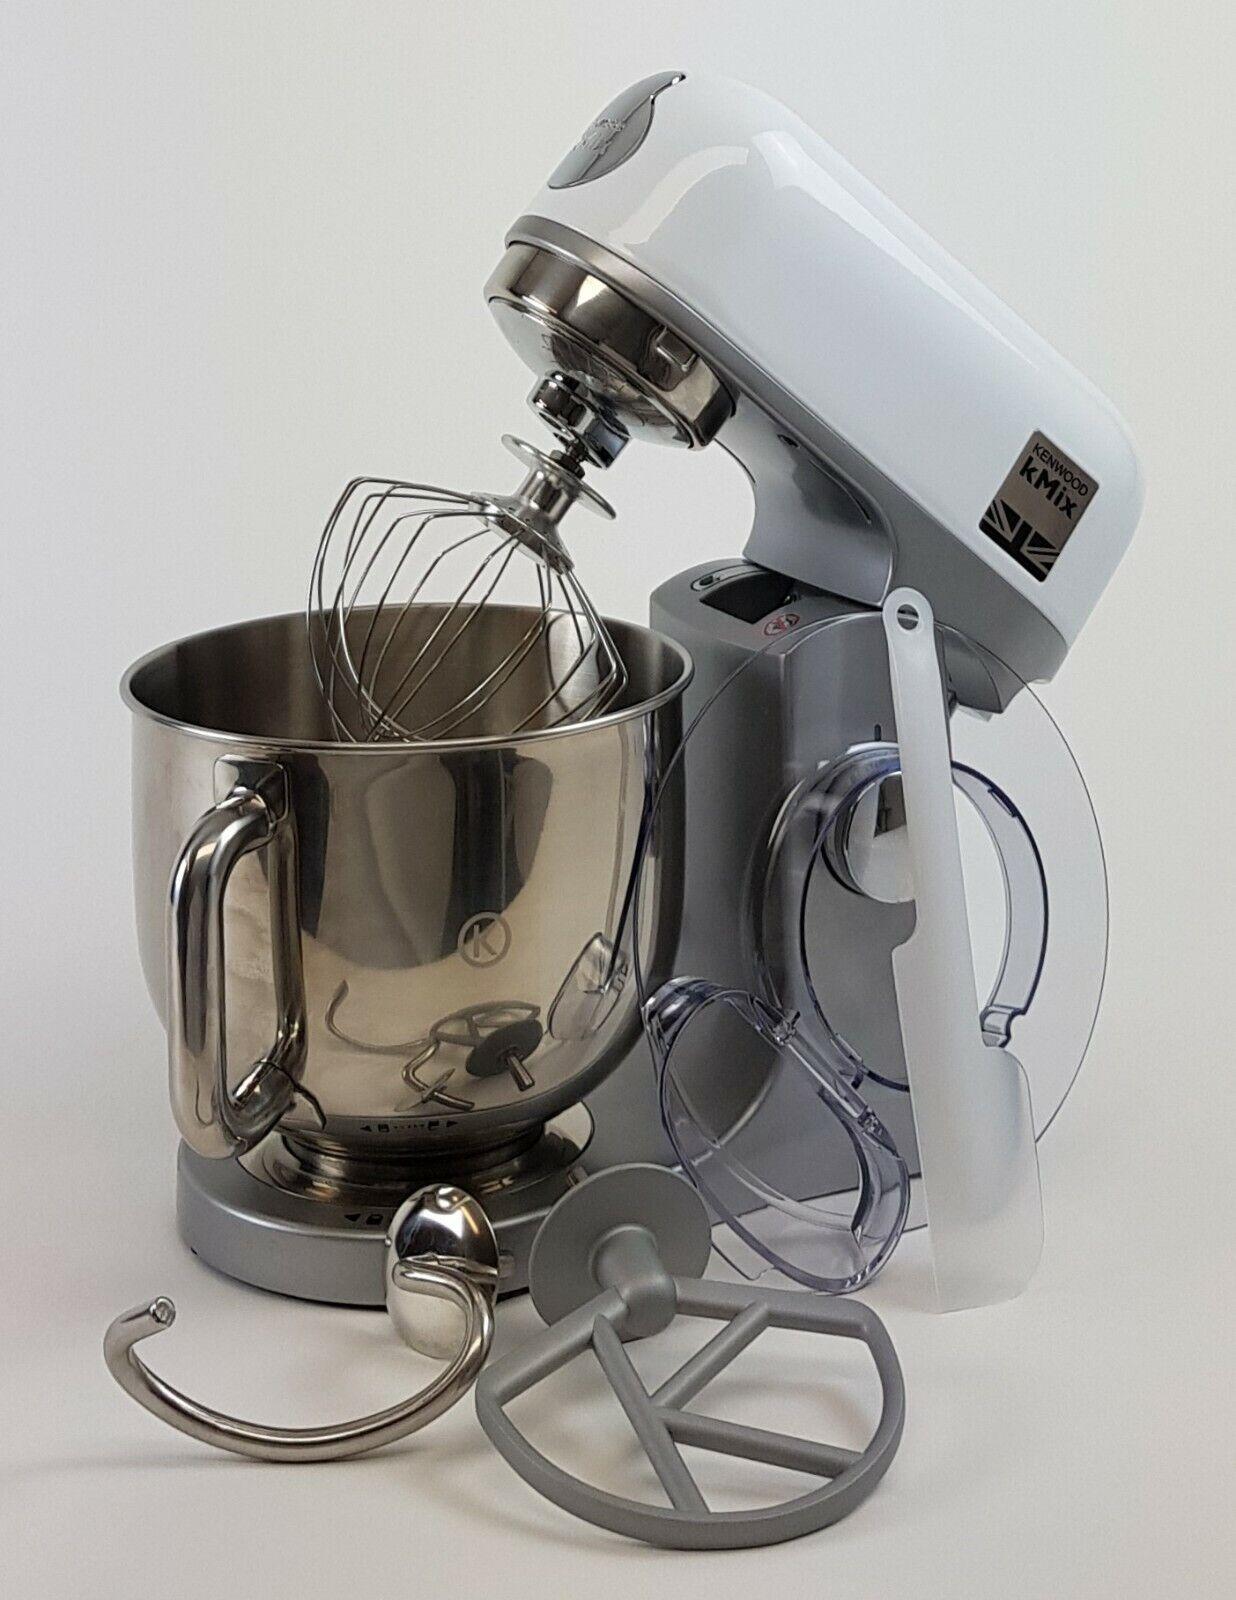 Küchenmaschine Knetmaschine 5 l Edelstahl Schüssel Kenwood kMix KMX750WH, B-Ware